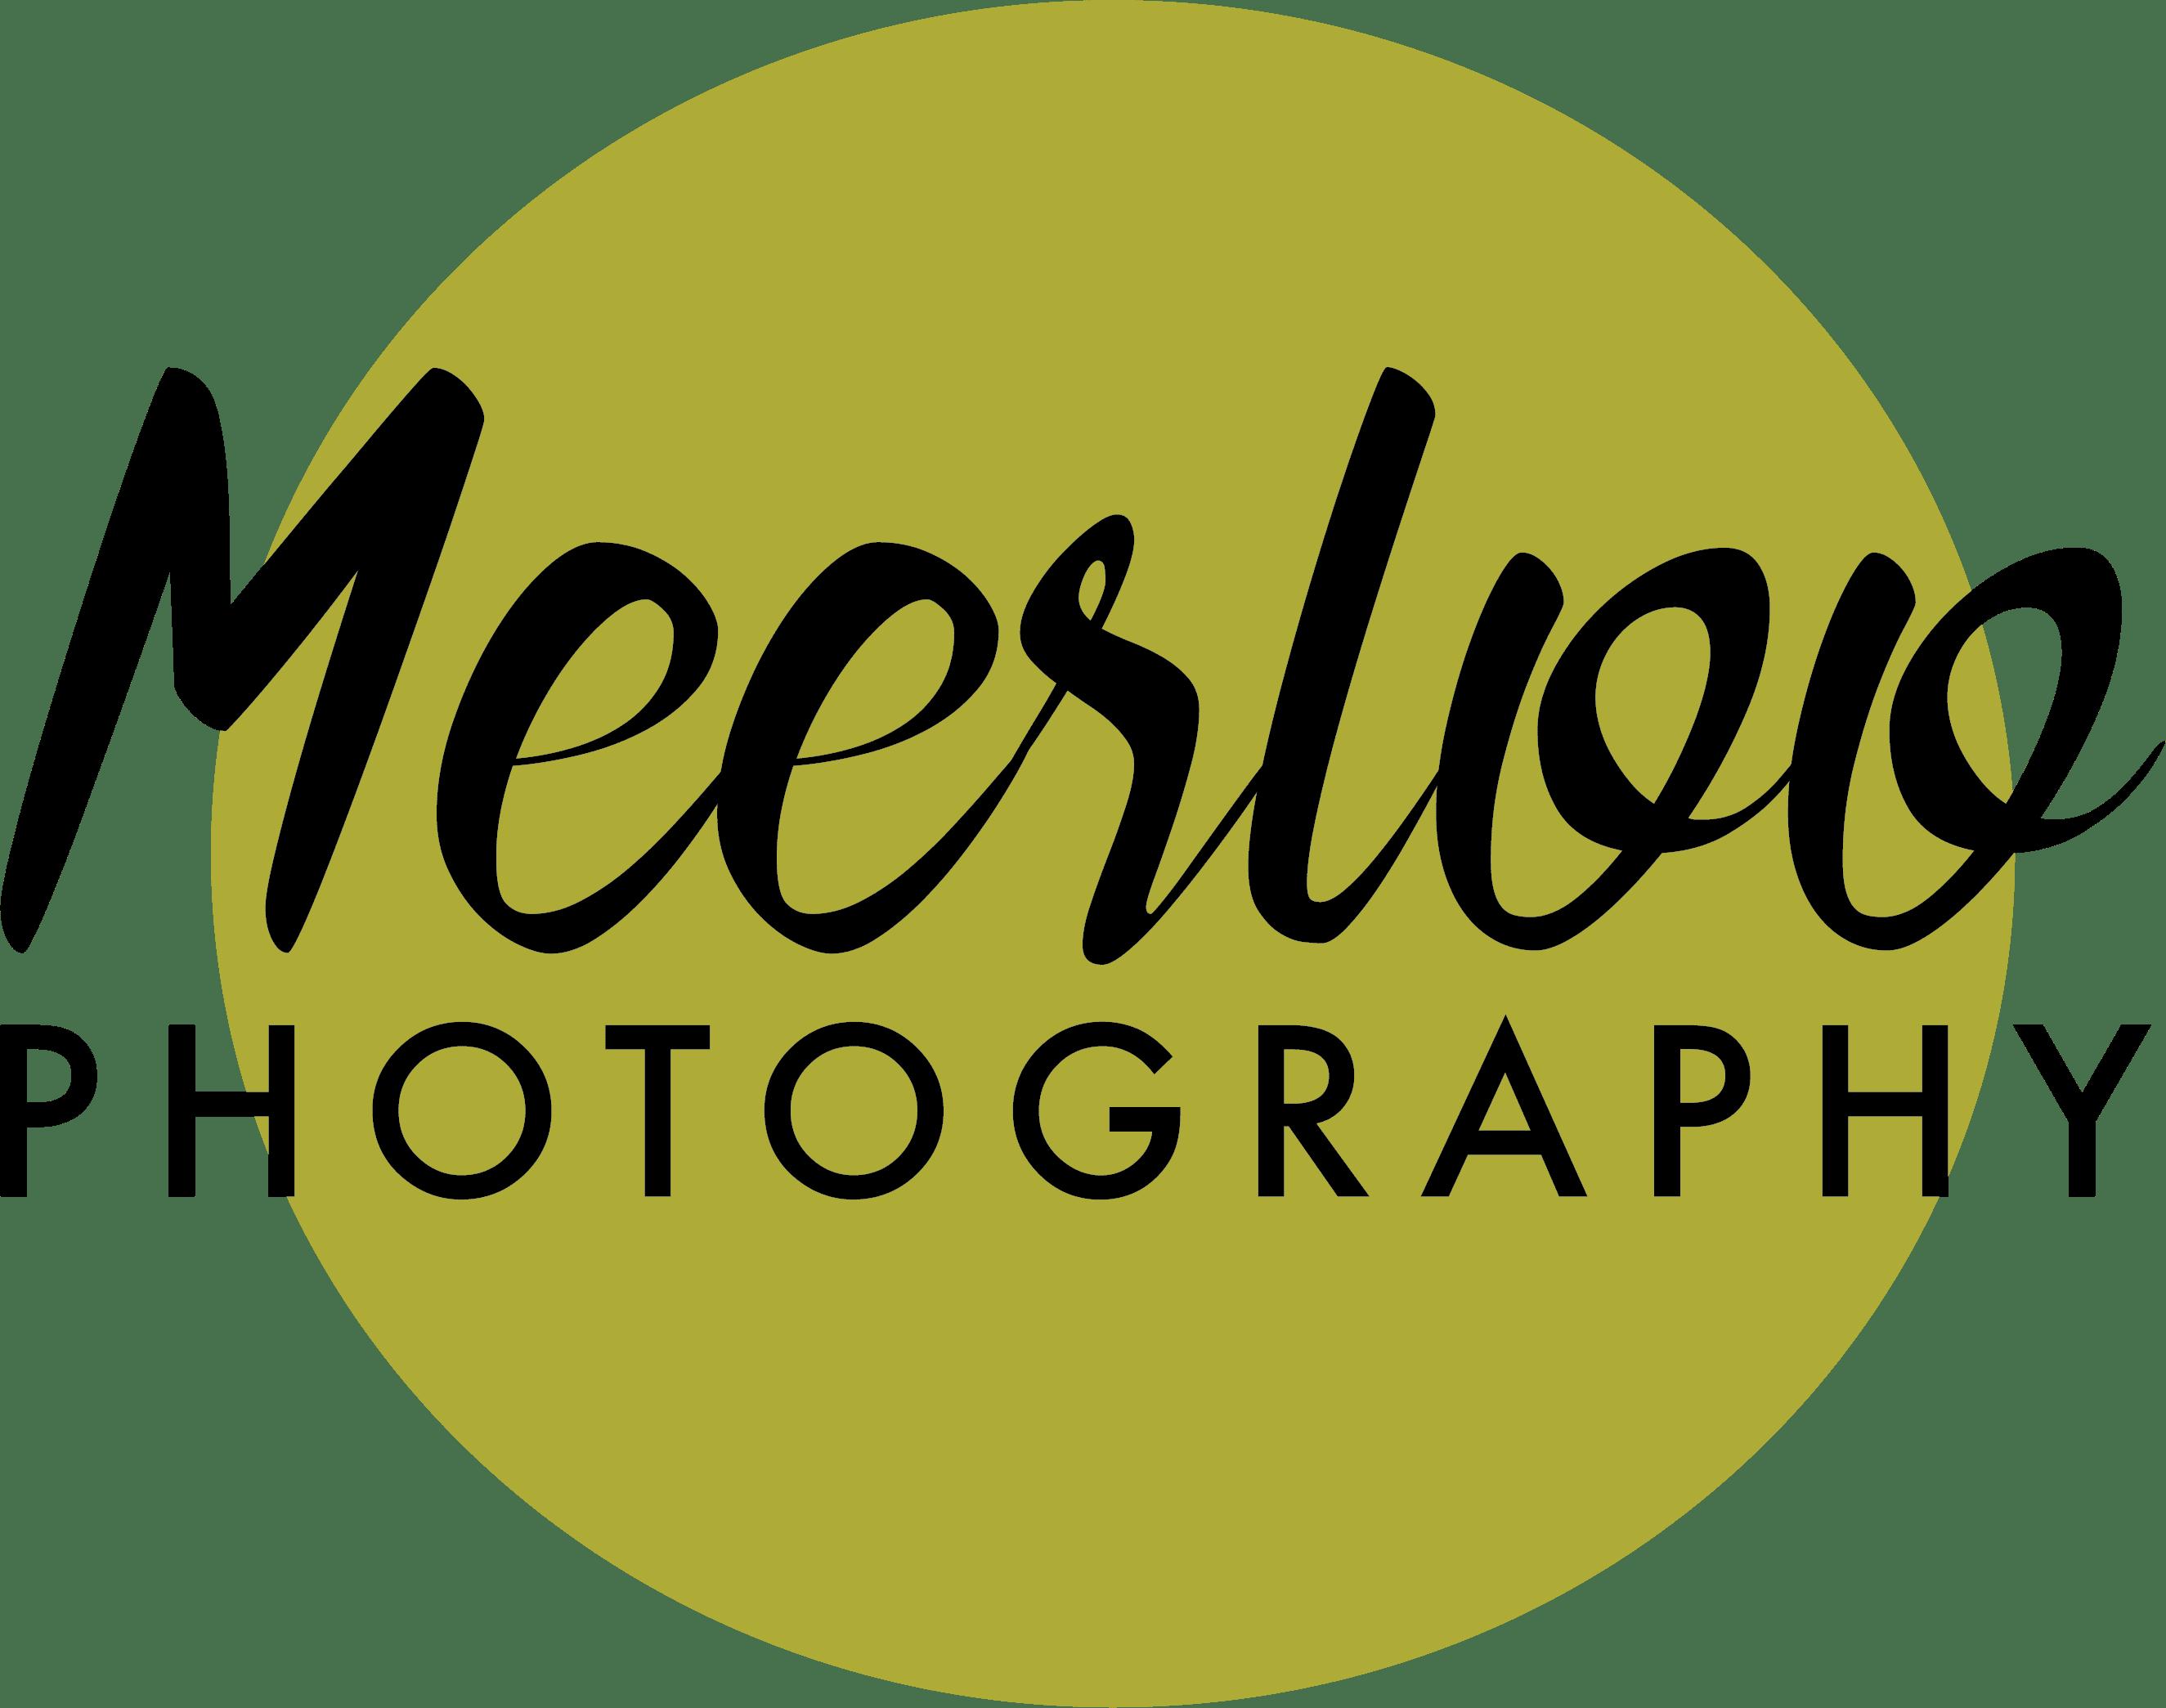 Meerloo Photography